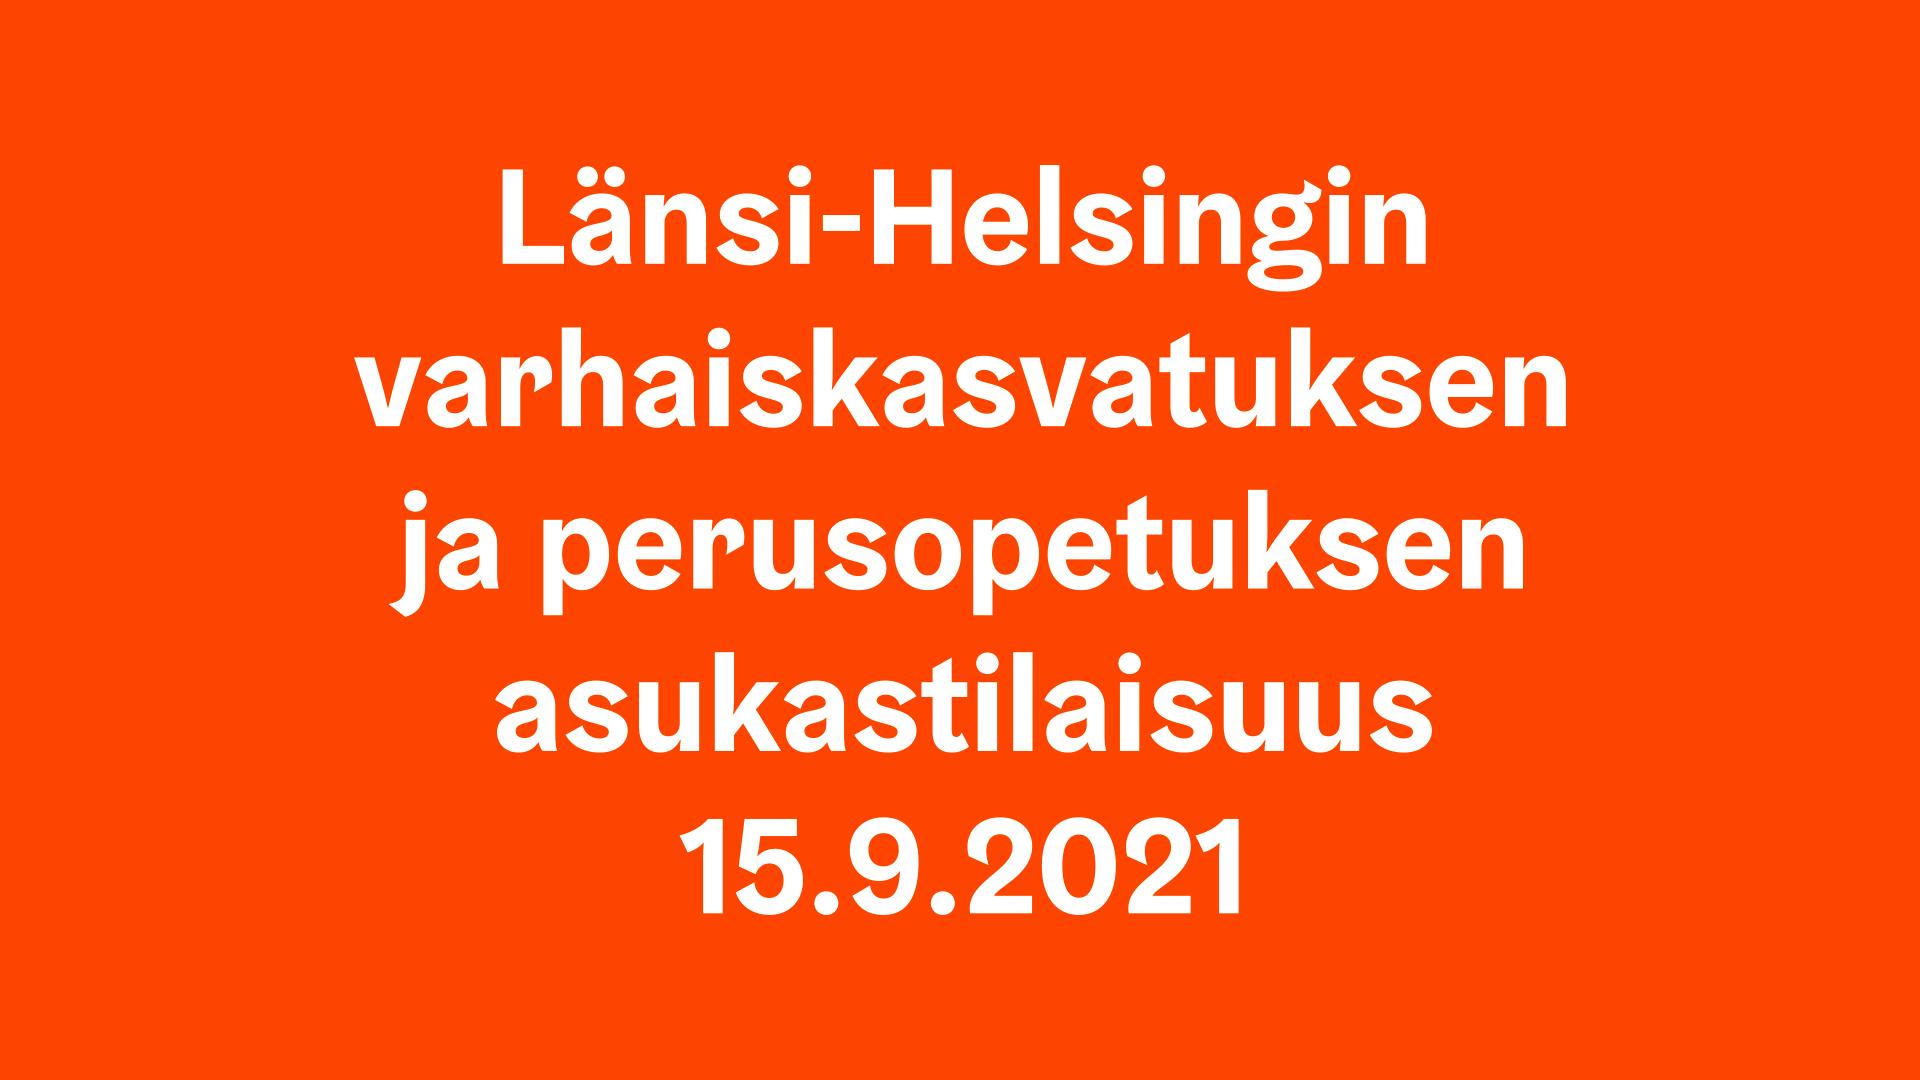 Länsi-Helsingin varhaiskasvatuksen ja perusopetuksen asukastilaisuus 15.9.2021